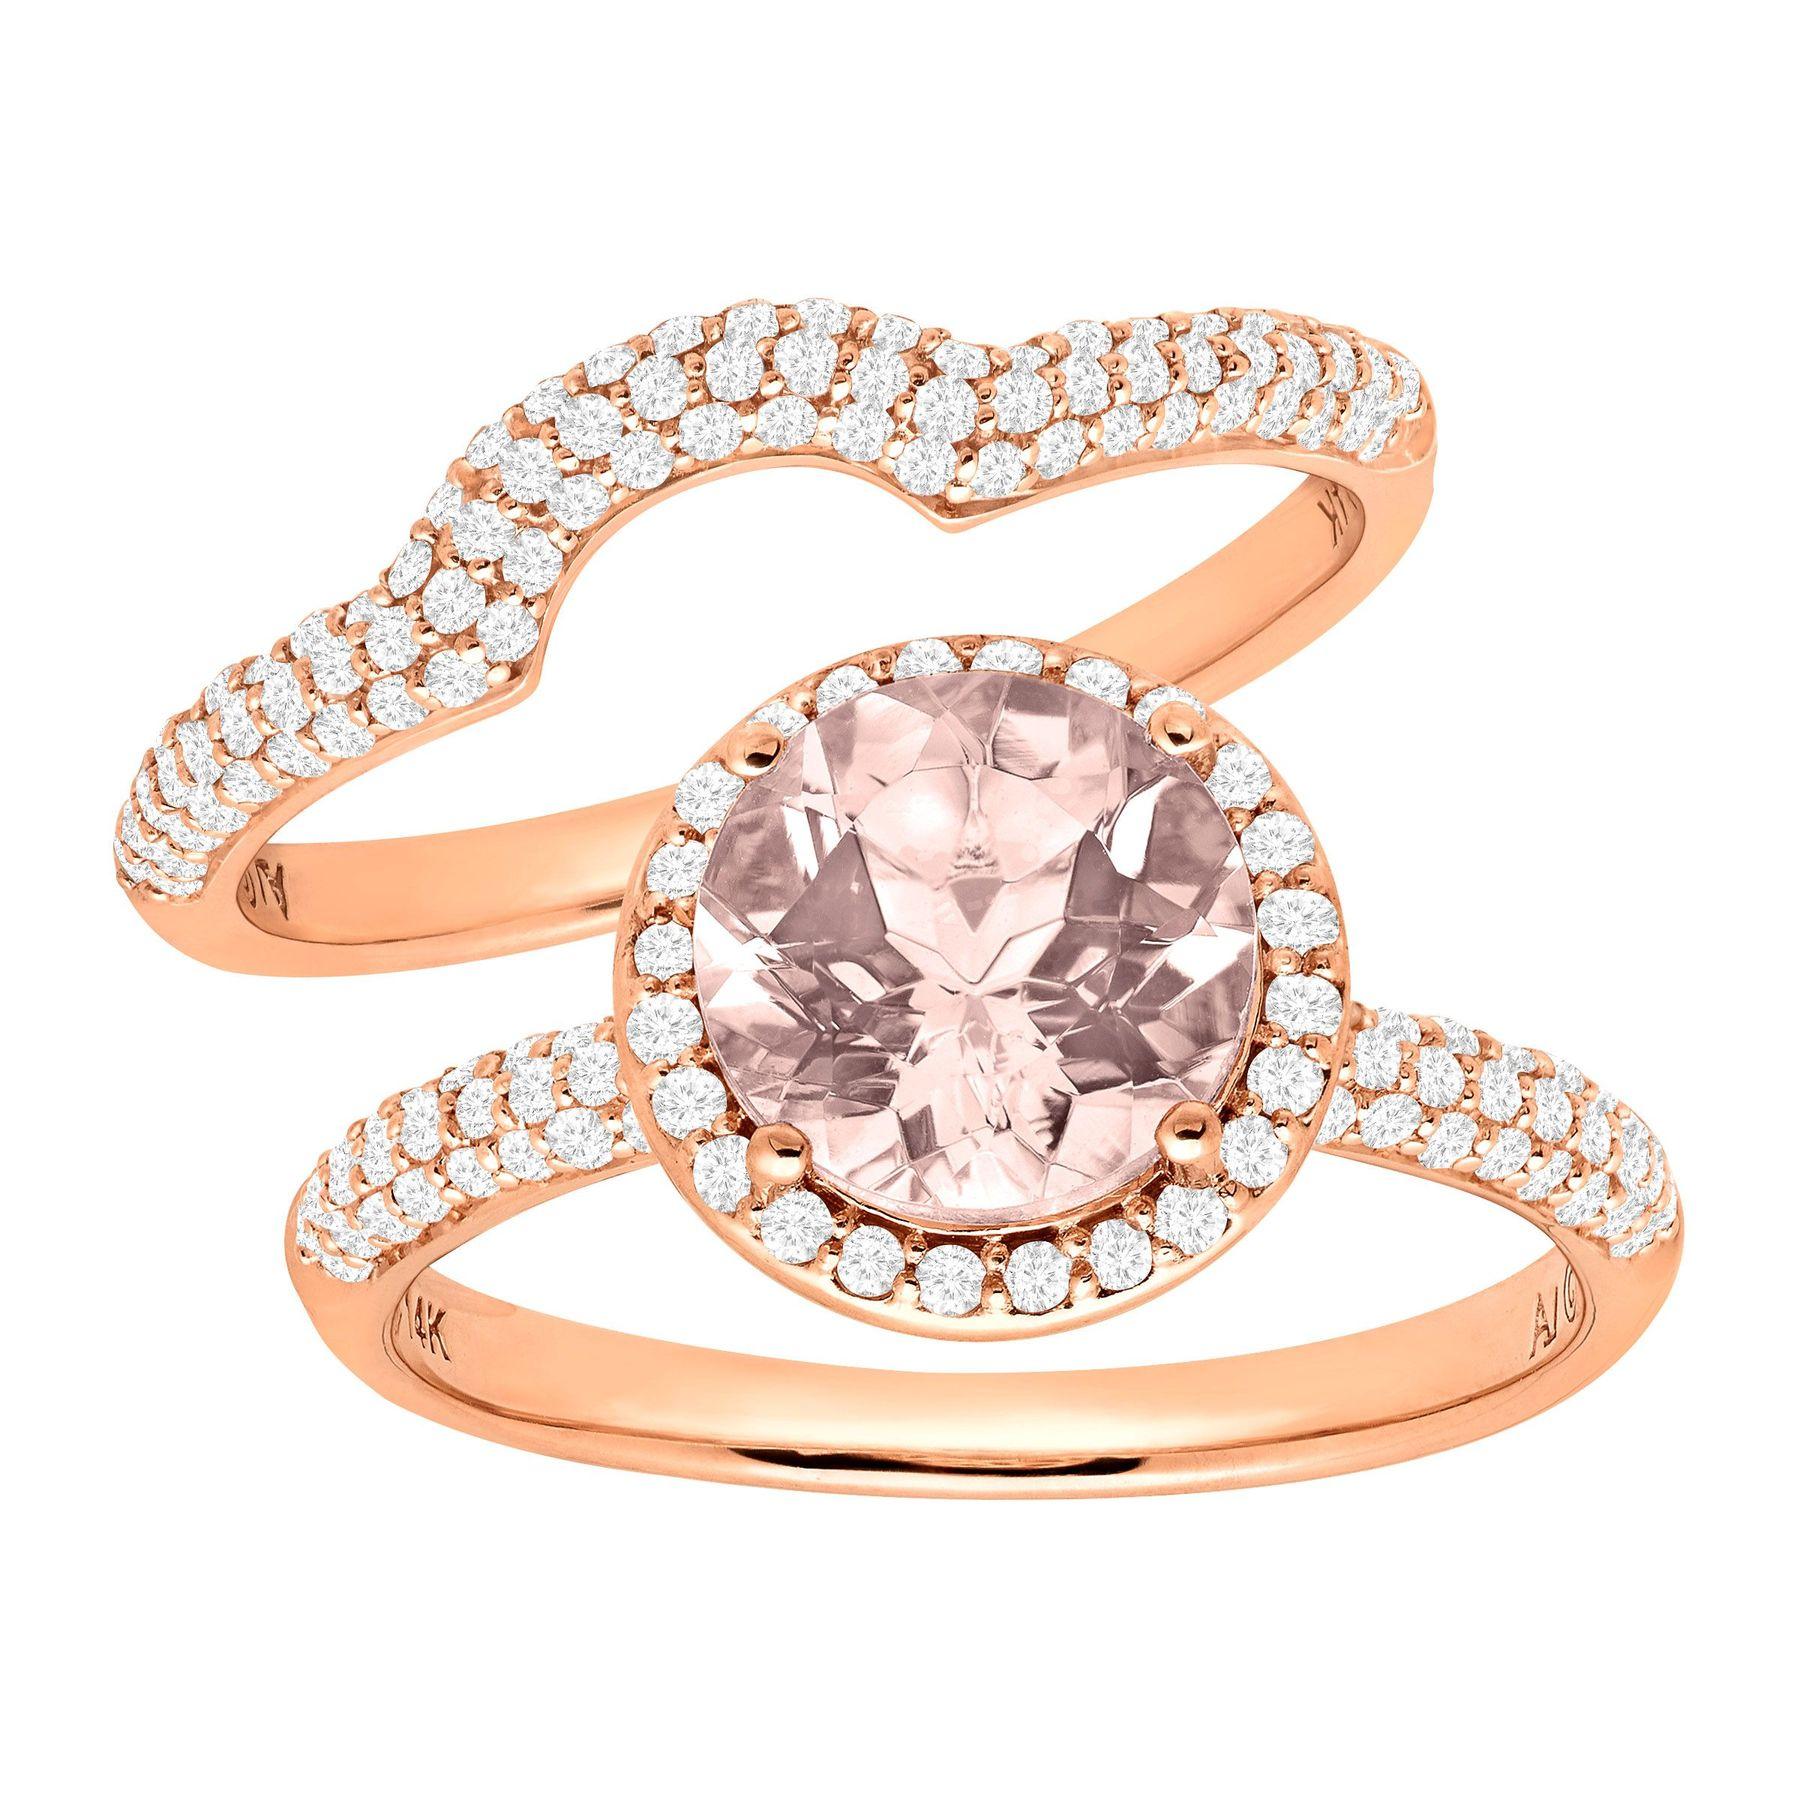 1 7 8 ct Natural Morganite & 5 8 ct Diamond Bridal Set in 14K Rose